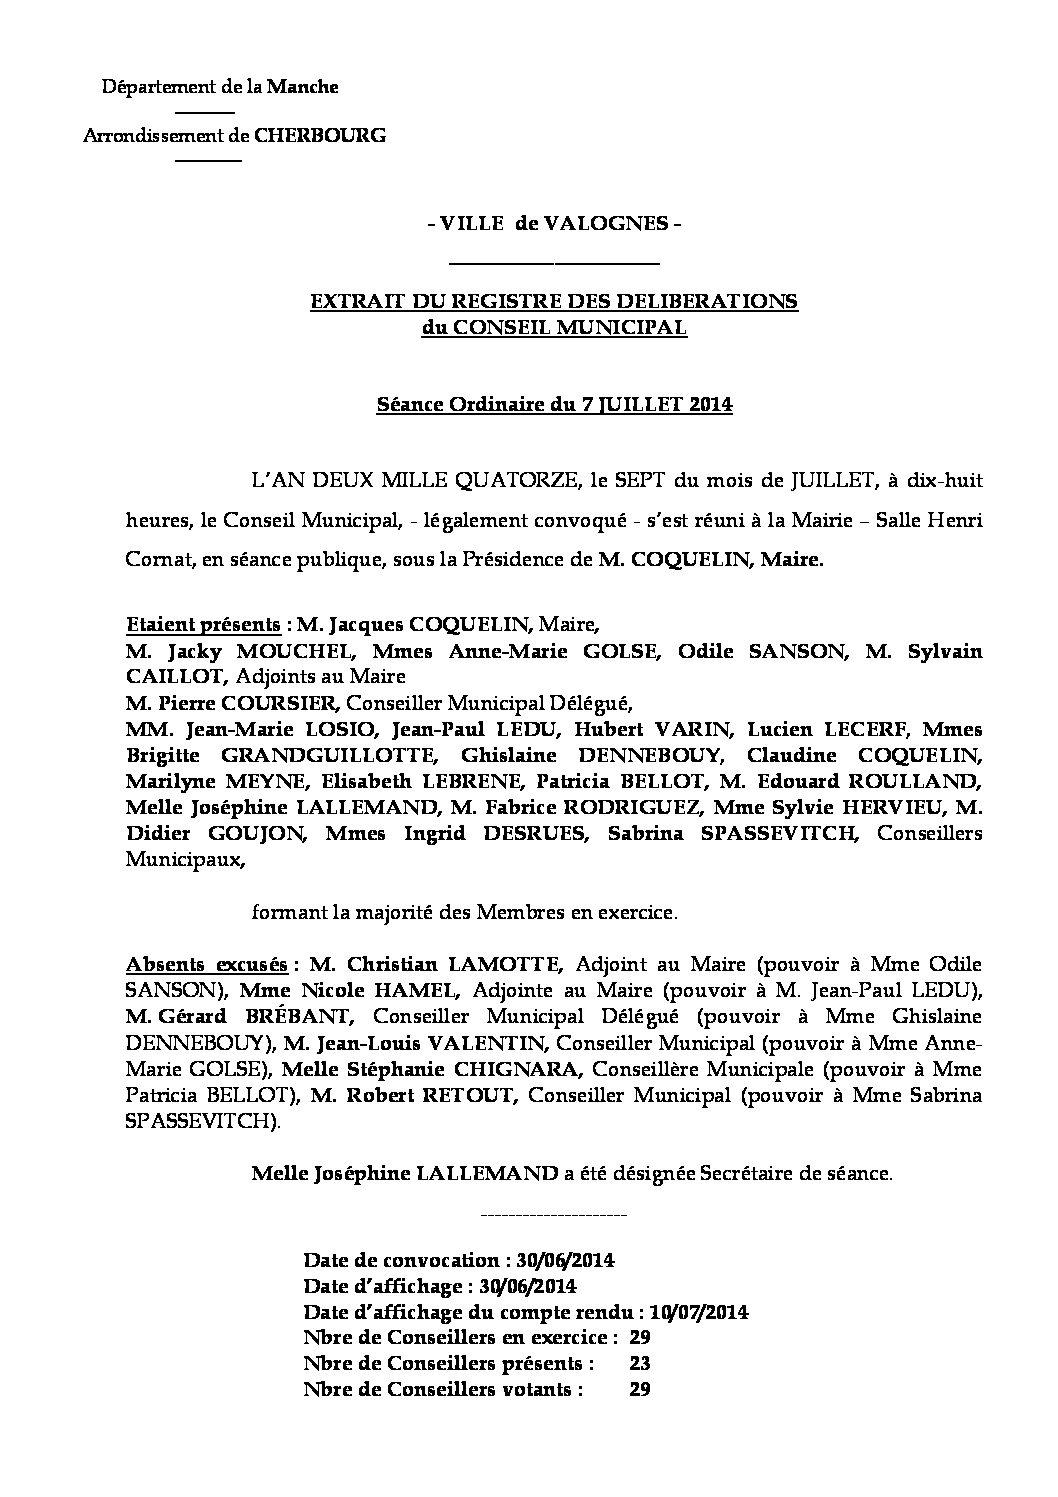 Extrait du registre des délibérations du 07-07-2014 - Compte rendu des questions soumises à délibération lors de la séance du 7 juillet 2014.